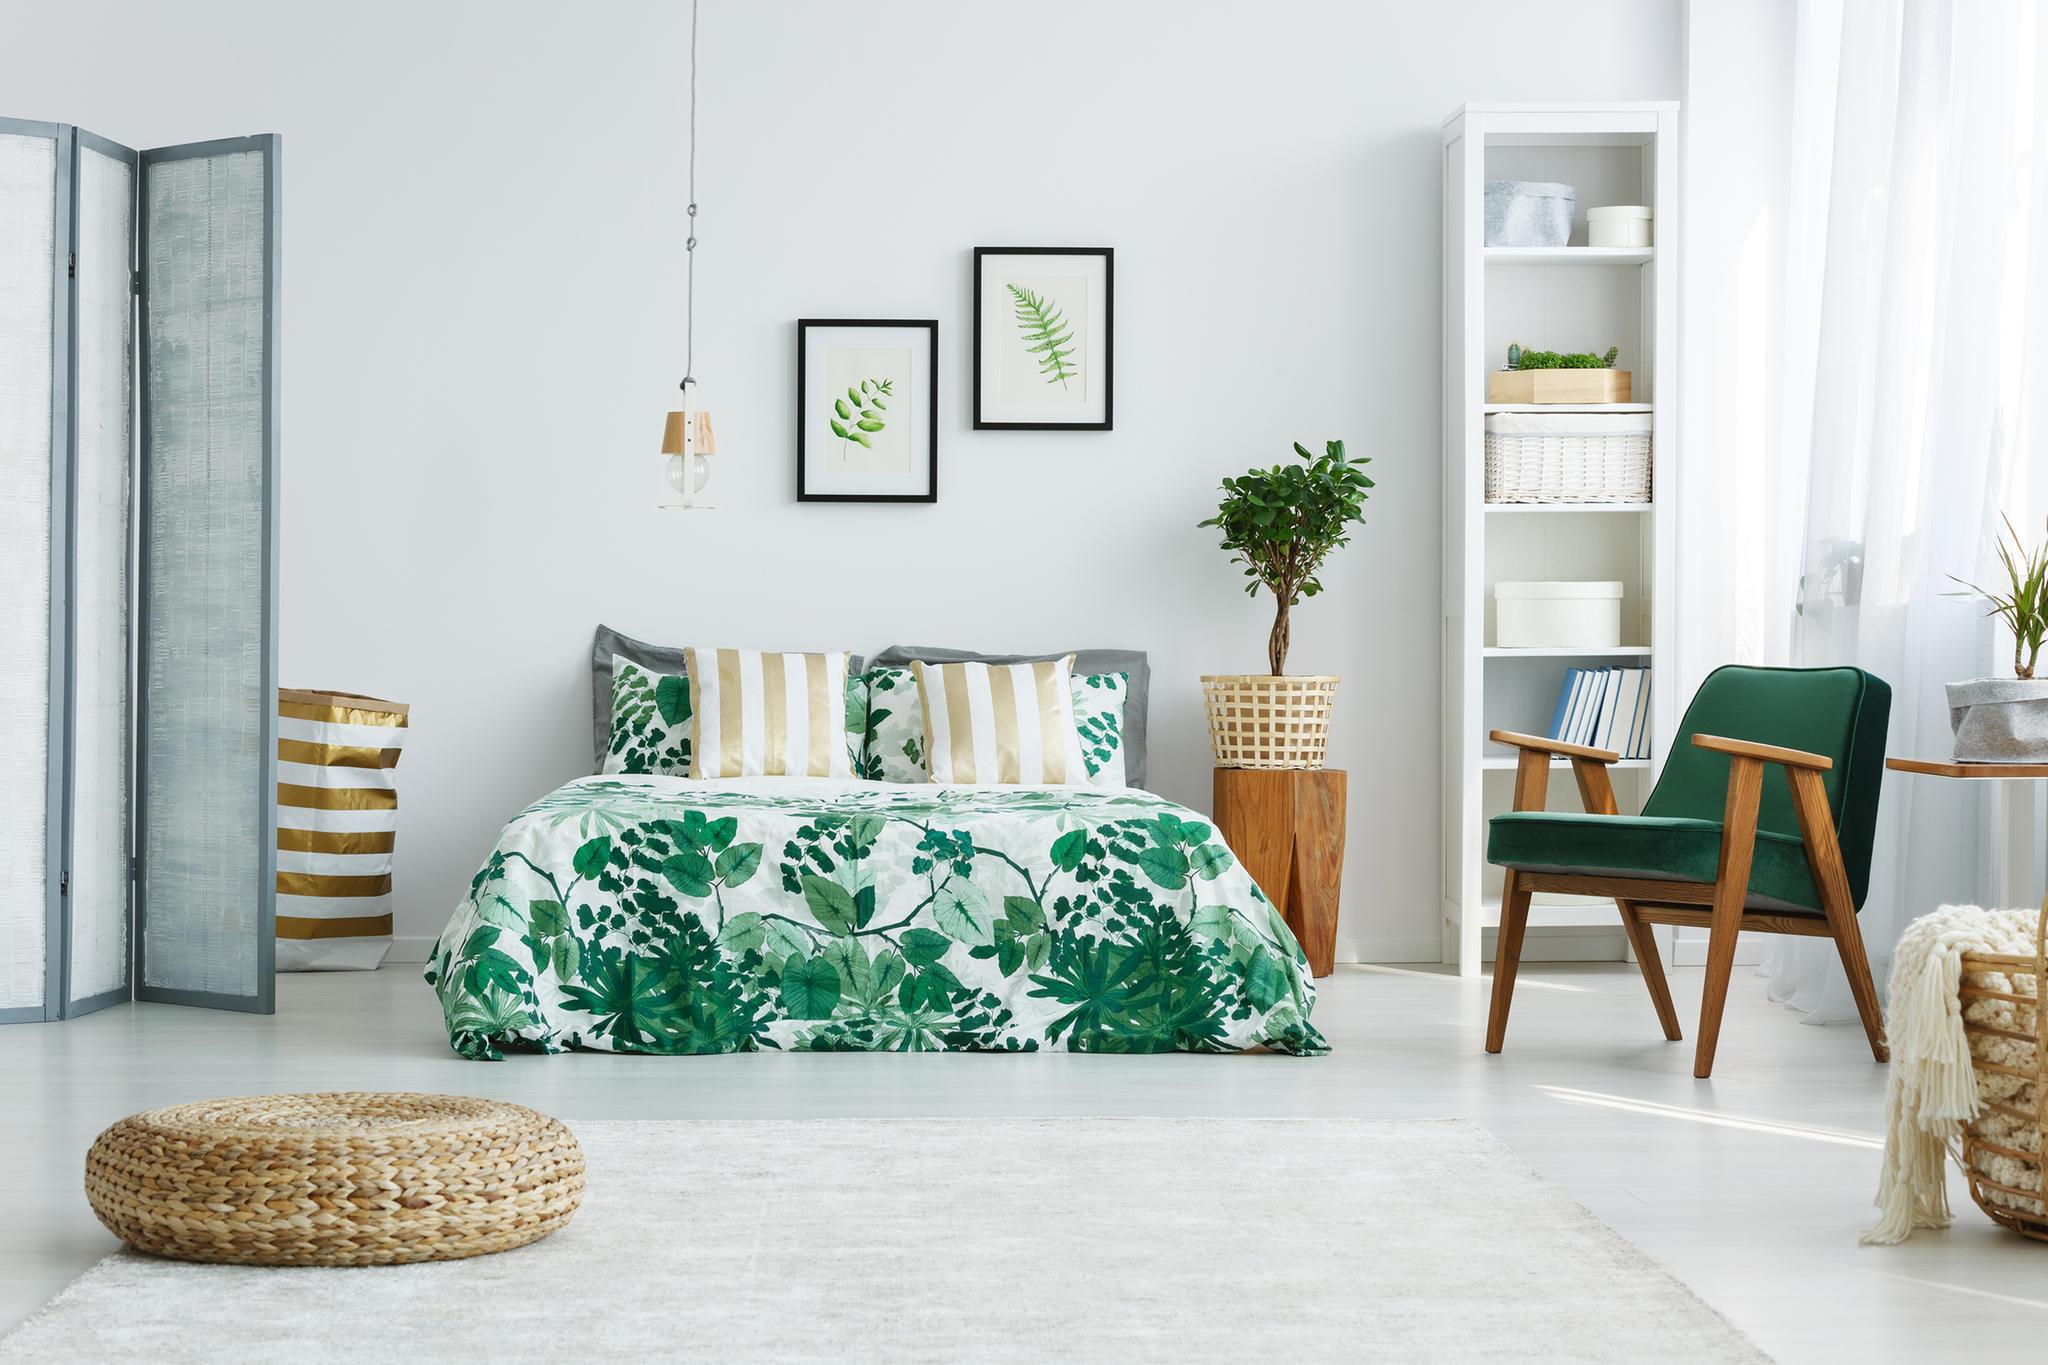 Full Size of Schlafzimmer Sessel Einrichten Hier Finden Sie Inspirationen Galade Luxus Komplett Weiß Schranksysteme Günstig Deckenlampe Regal Landhausstil Deckenleuchten Schlafzimmer Schlafzimmer Sessel